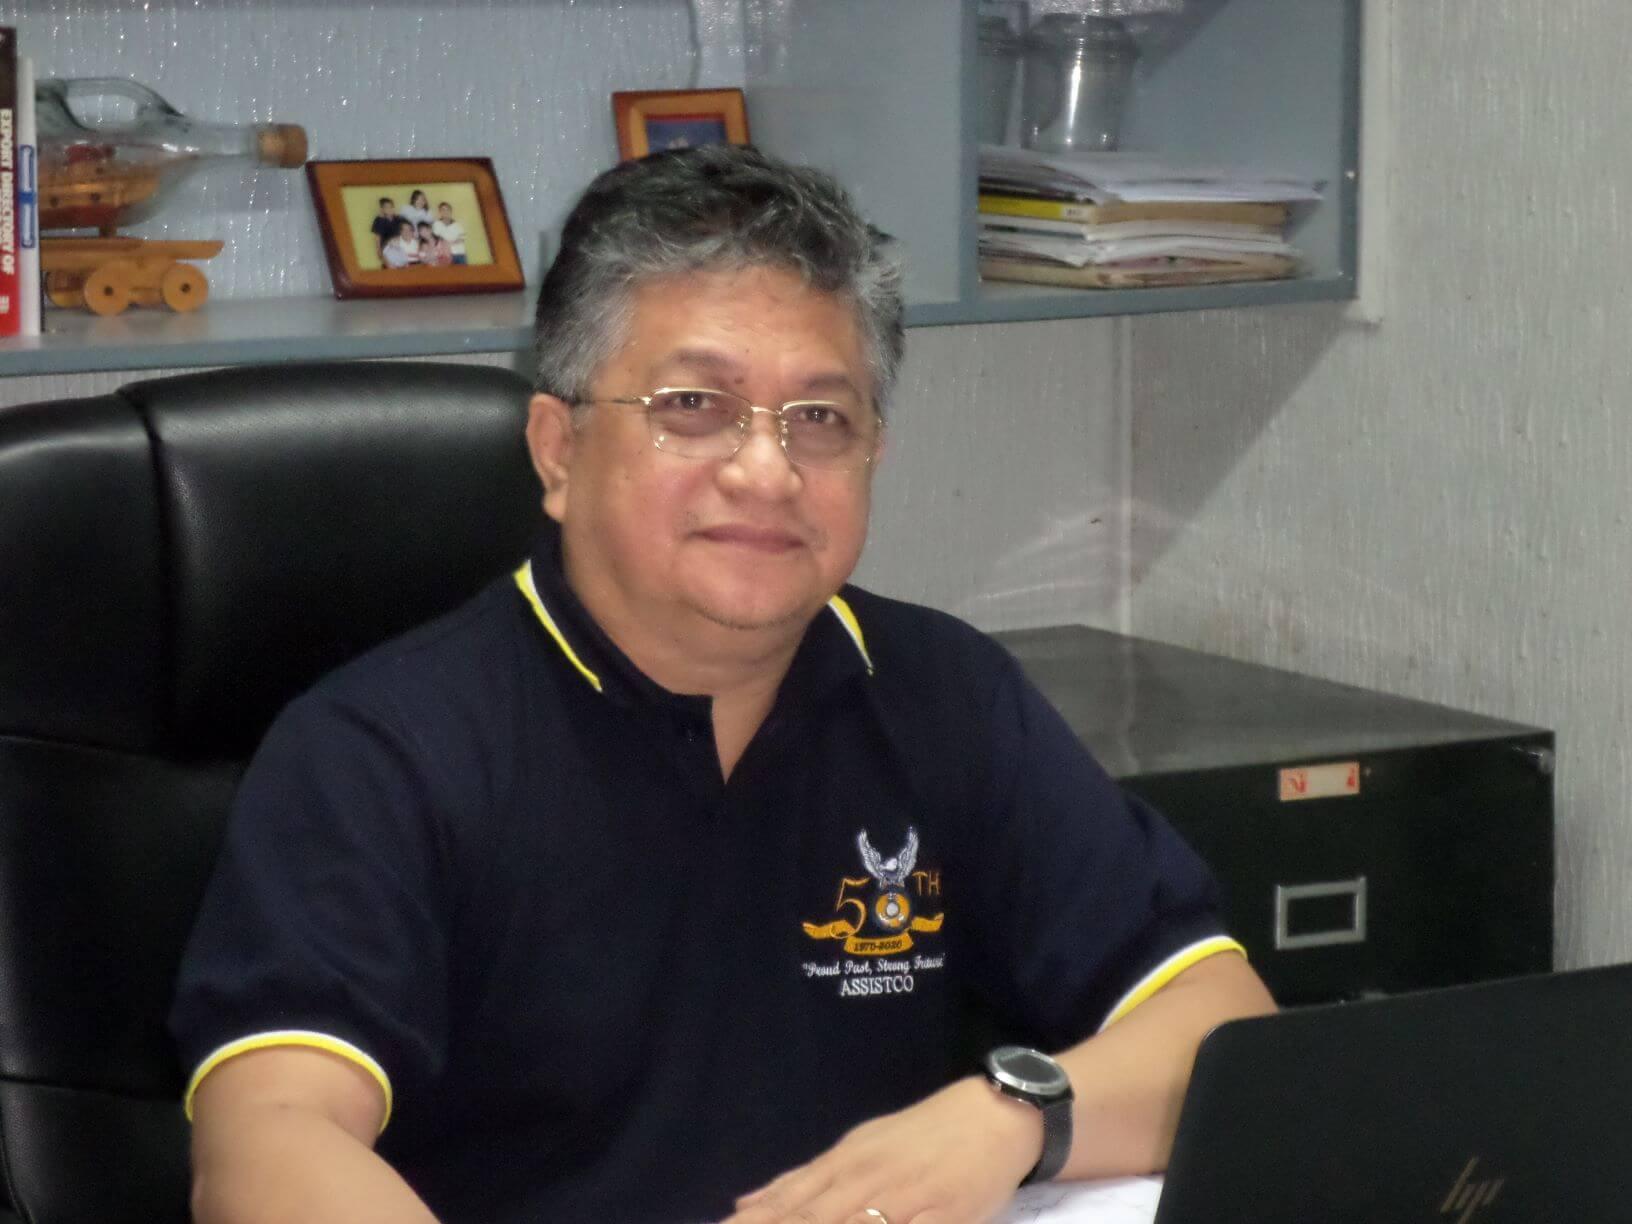 Donato B. Magboo